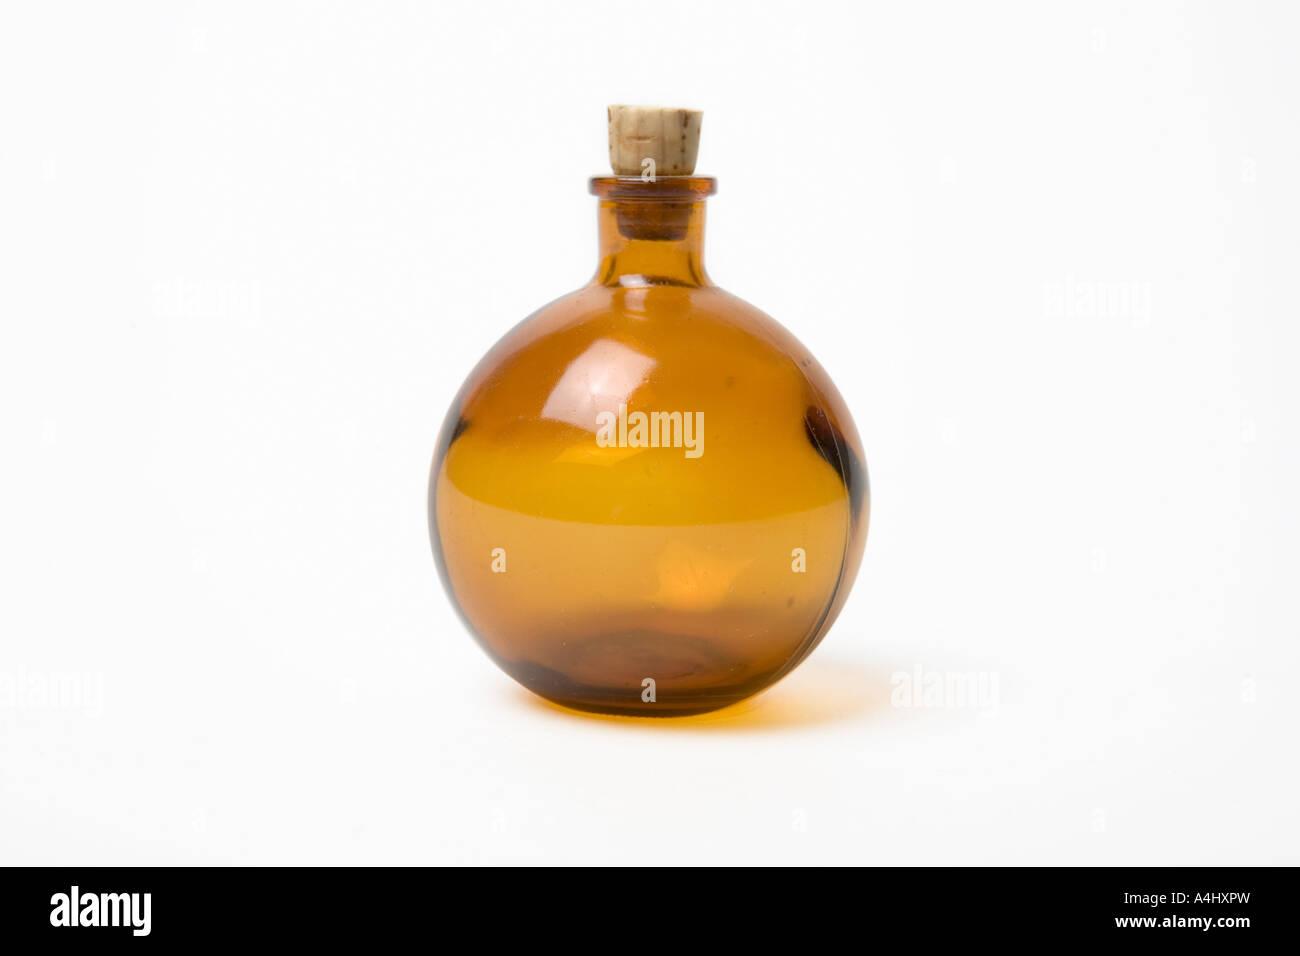 Perfume Bottle Stopper Stock Photos & Perfume Bottle Stopper